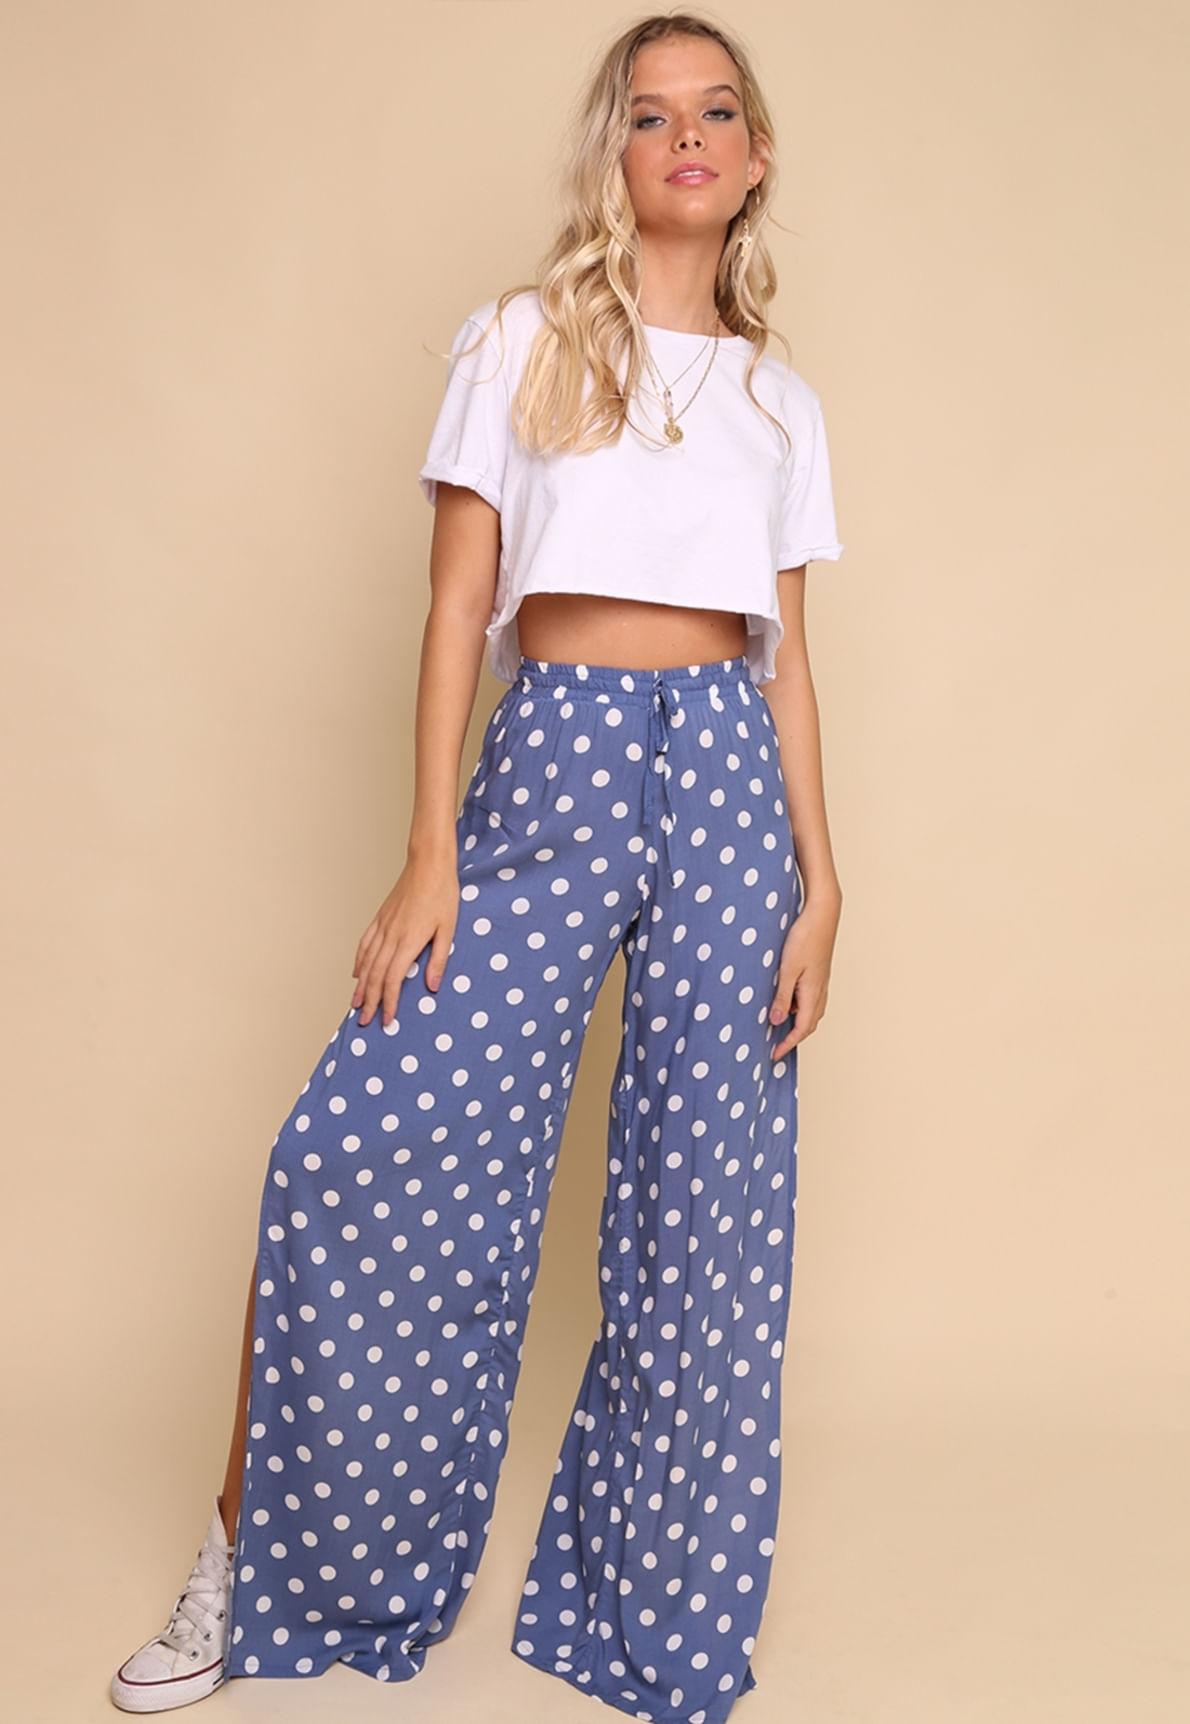 29065-calca-pantalona-poa-azul-caroline-mundo-lolita-01